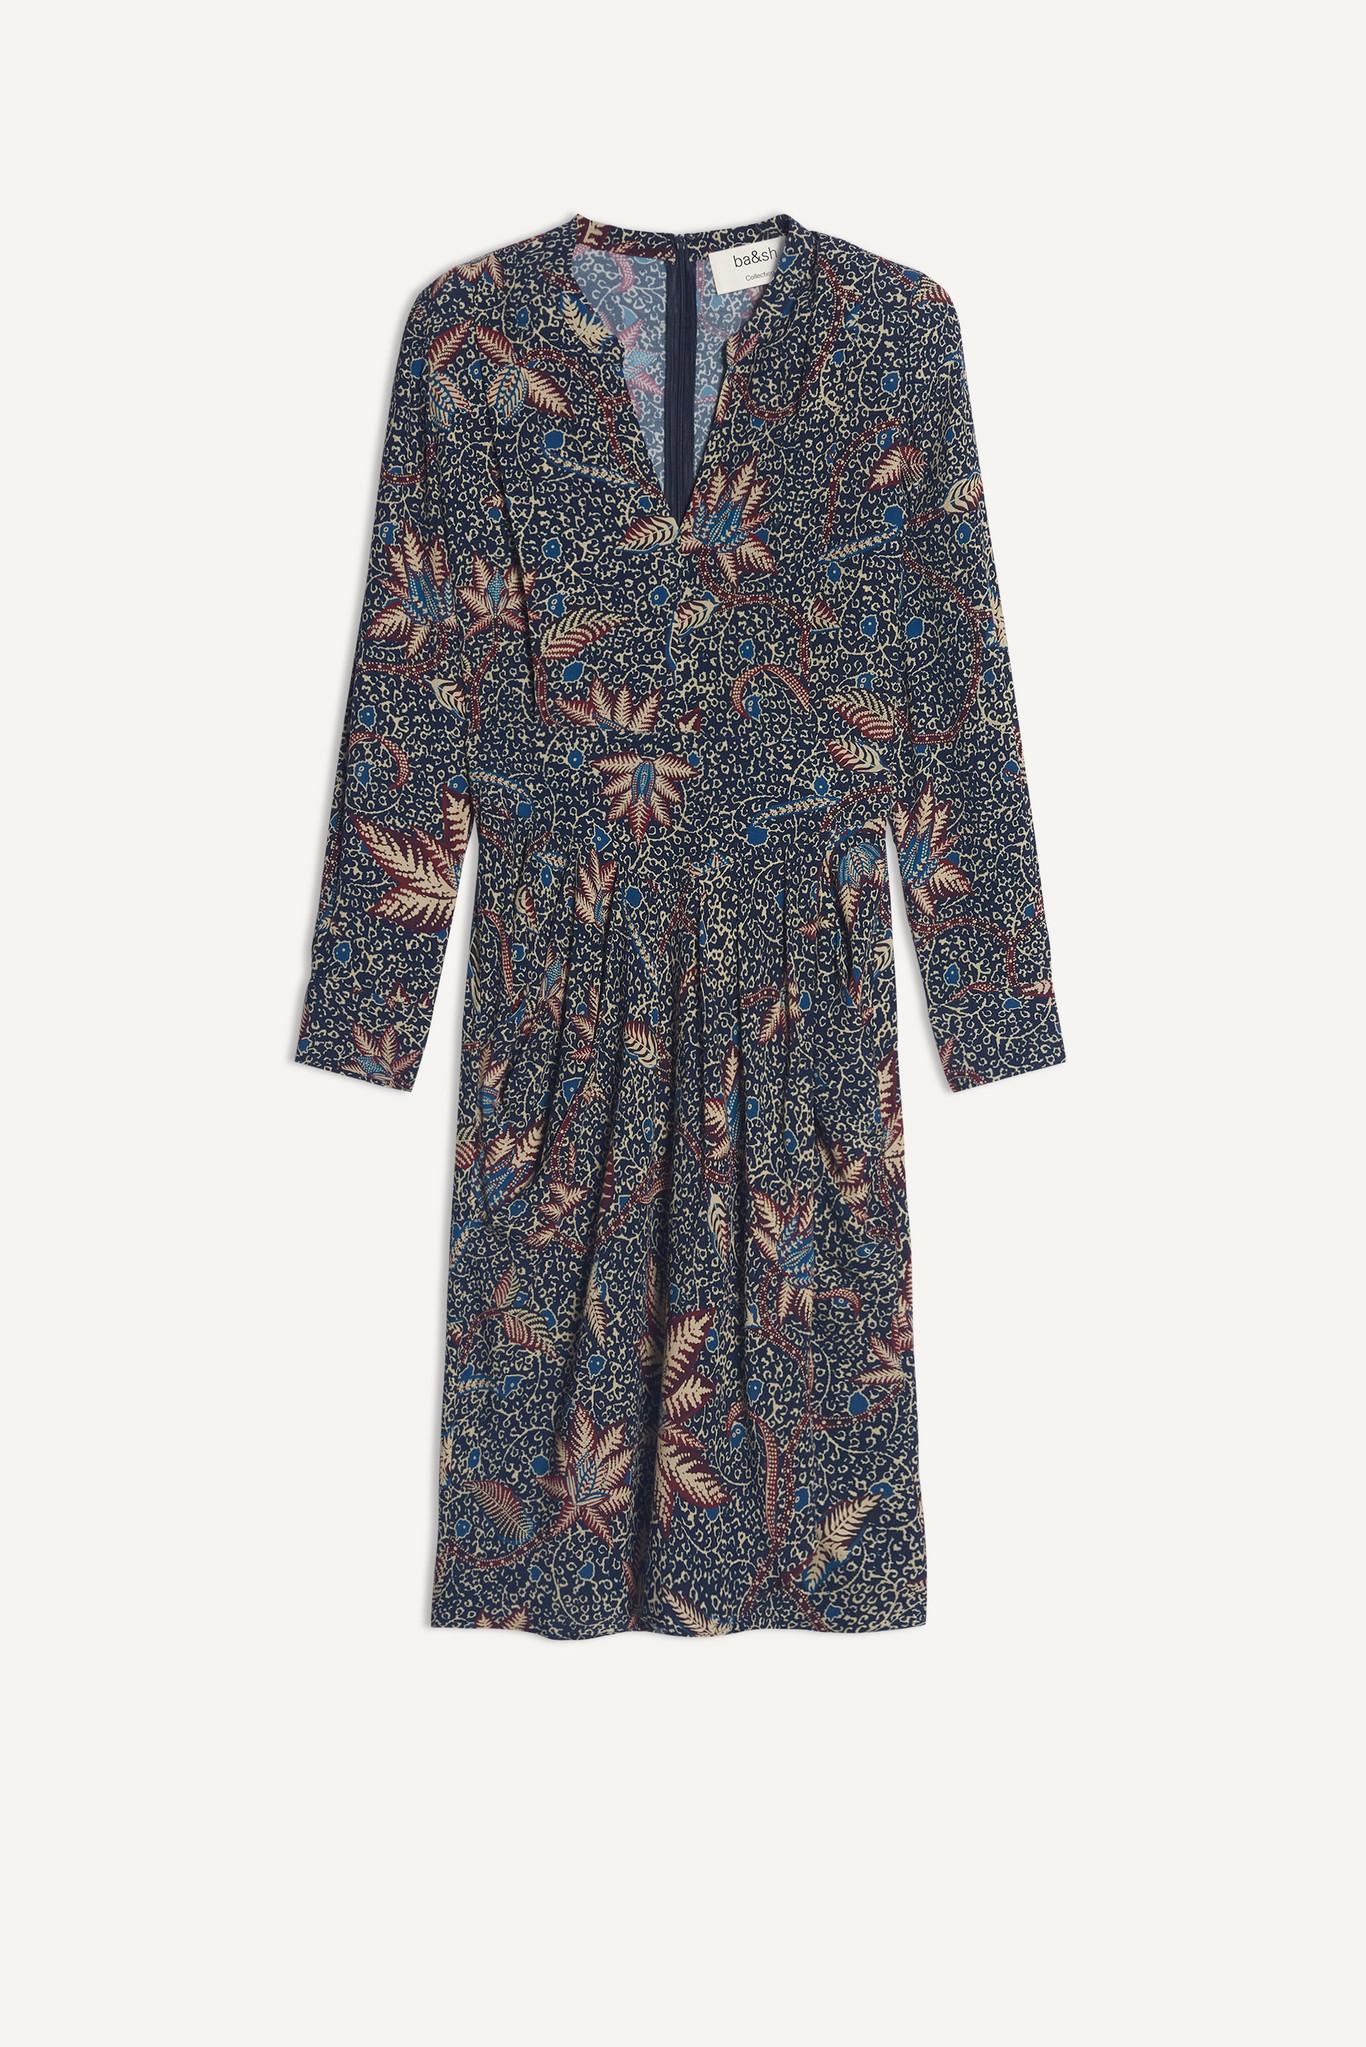 BA&SH robe joanna-1